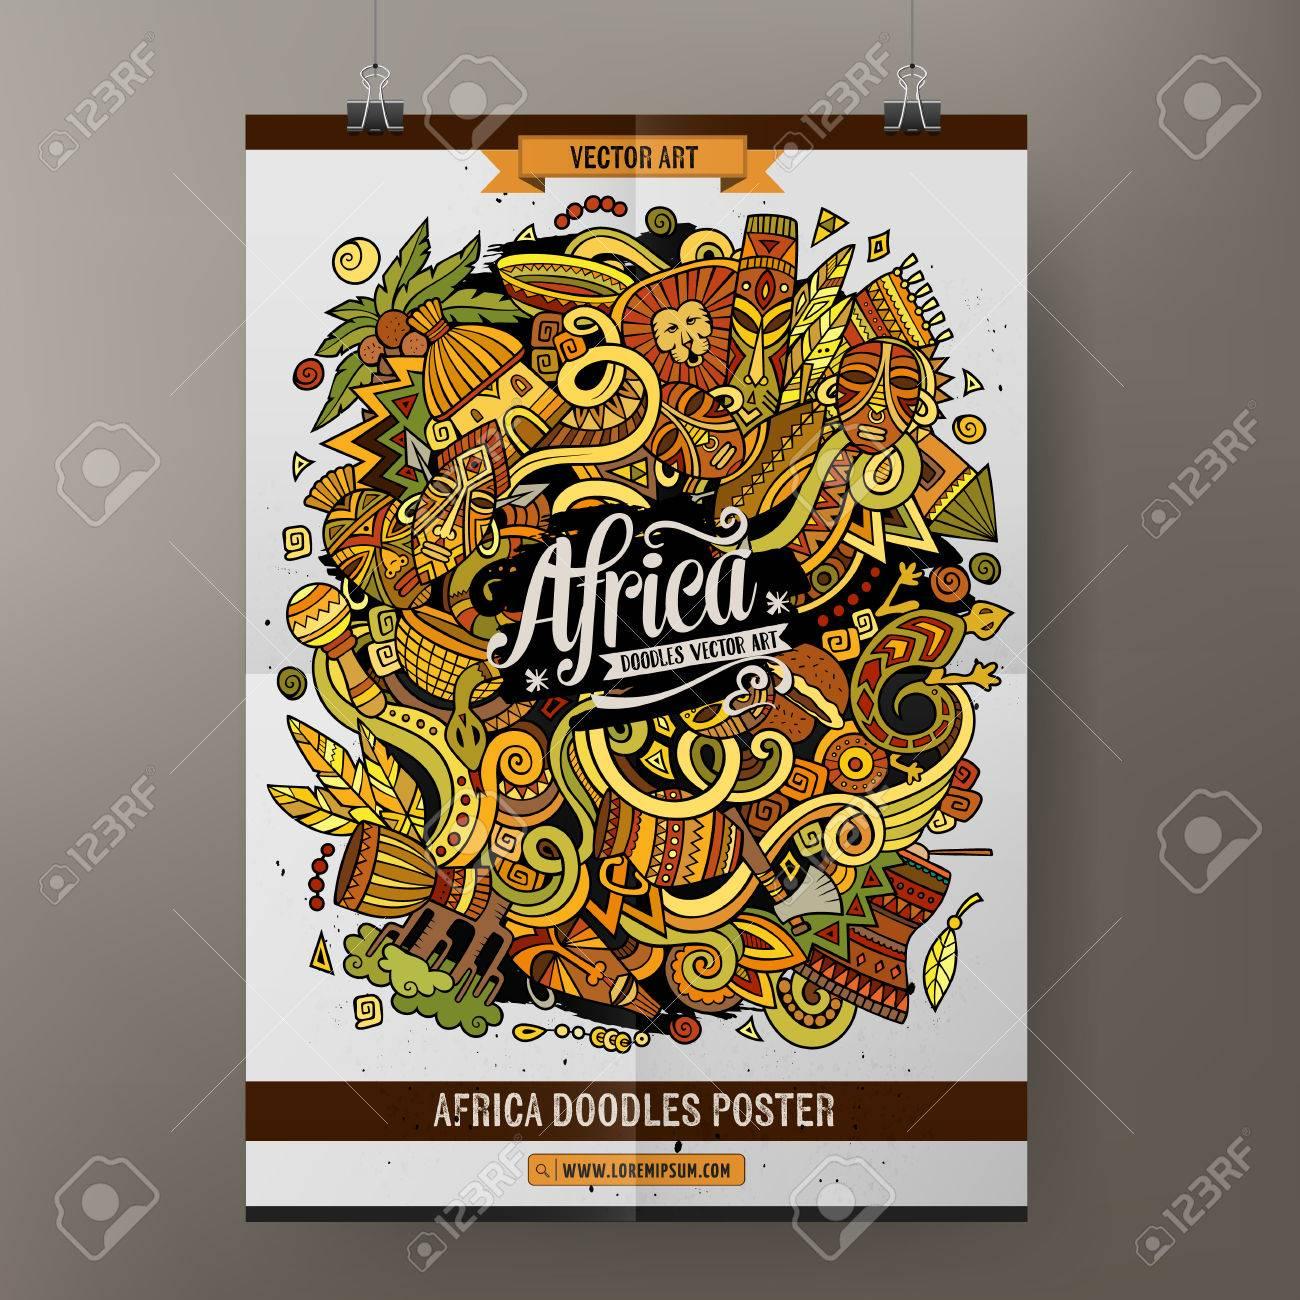 La Historieta Doodles África Plantilla Del Cartel Ilustraciones ...